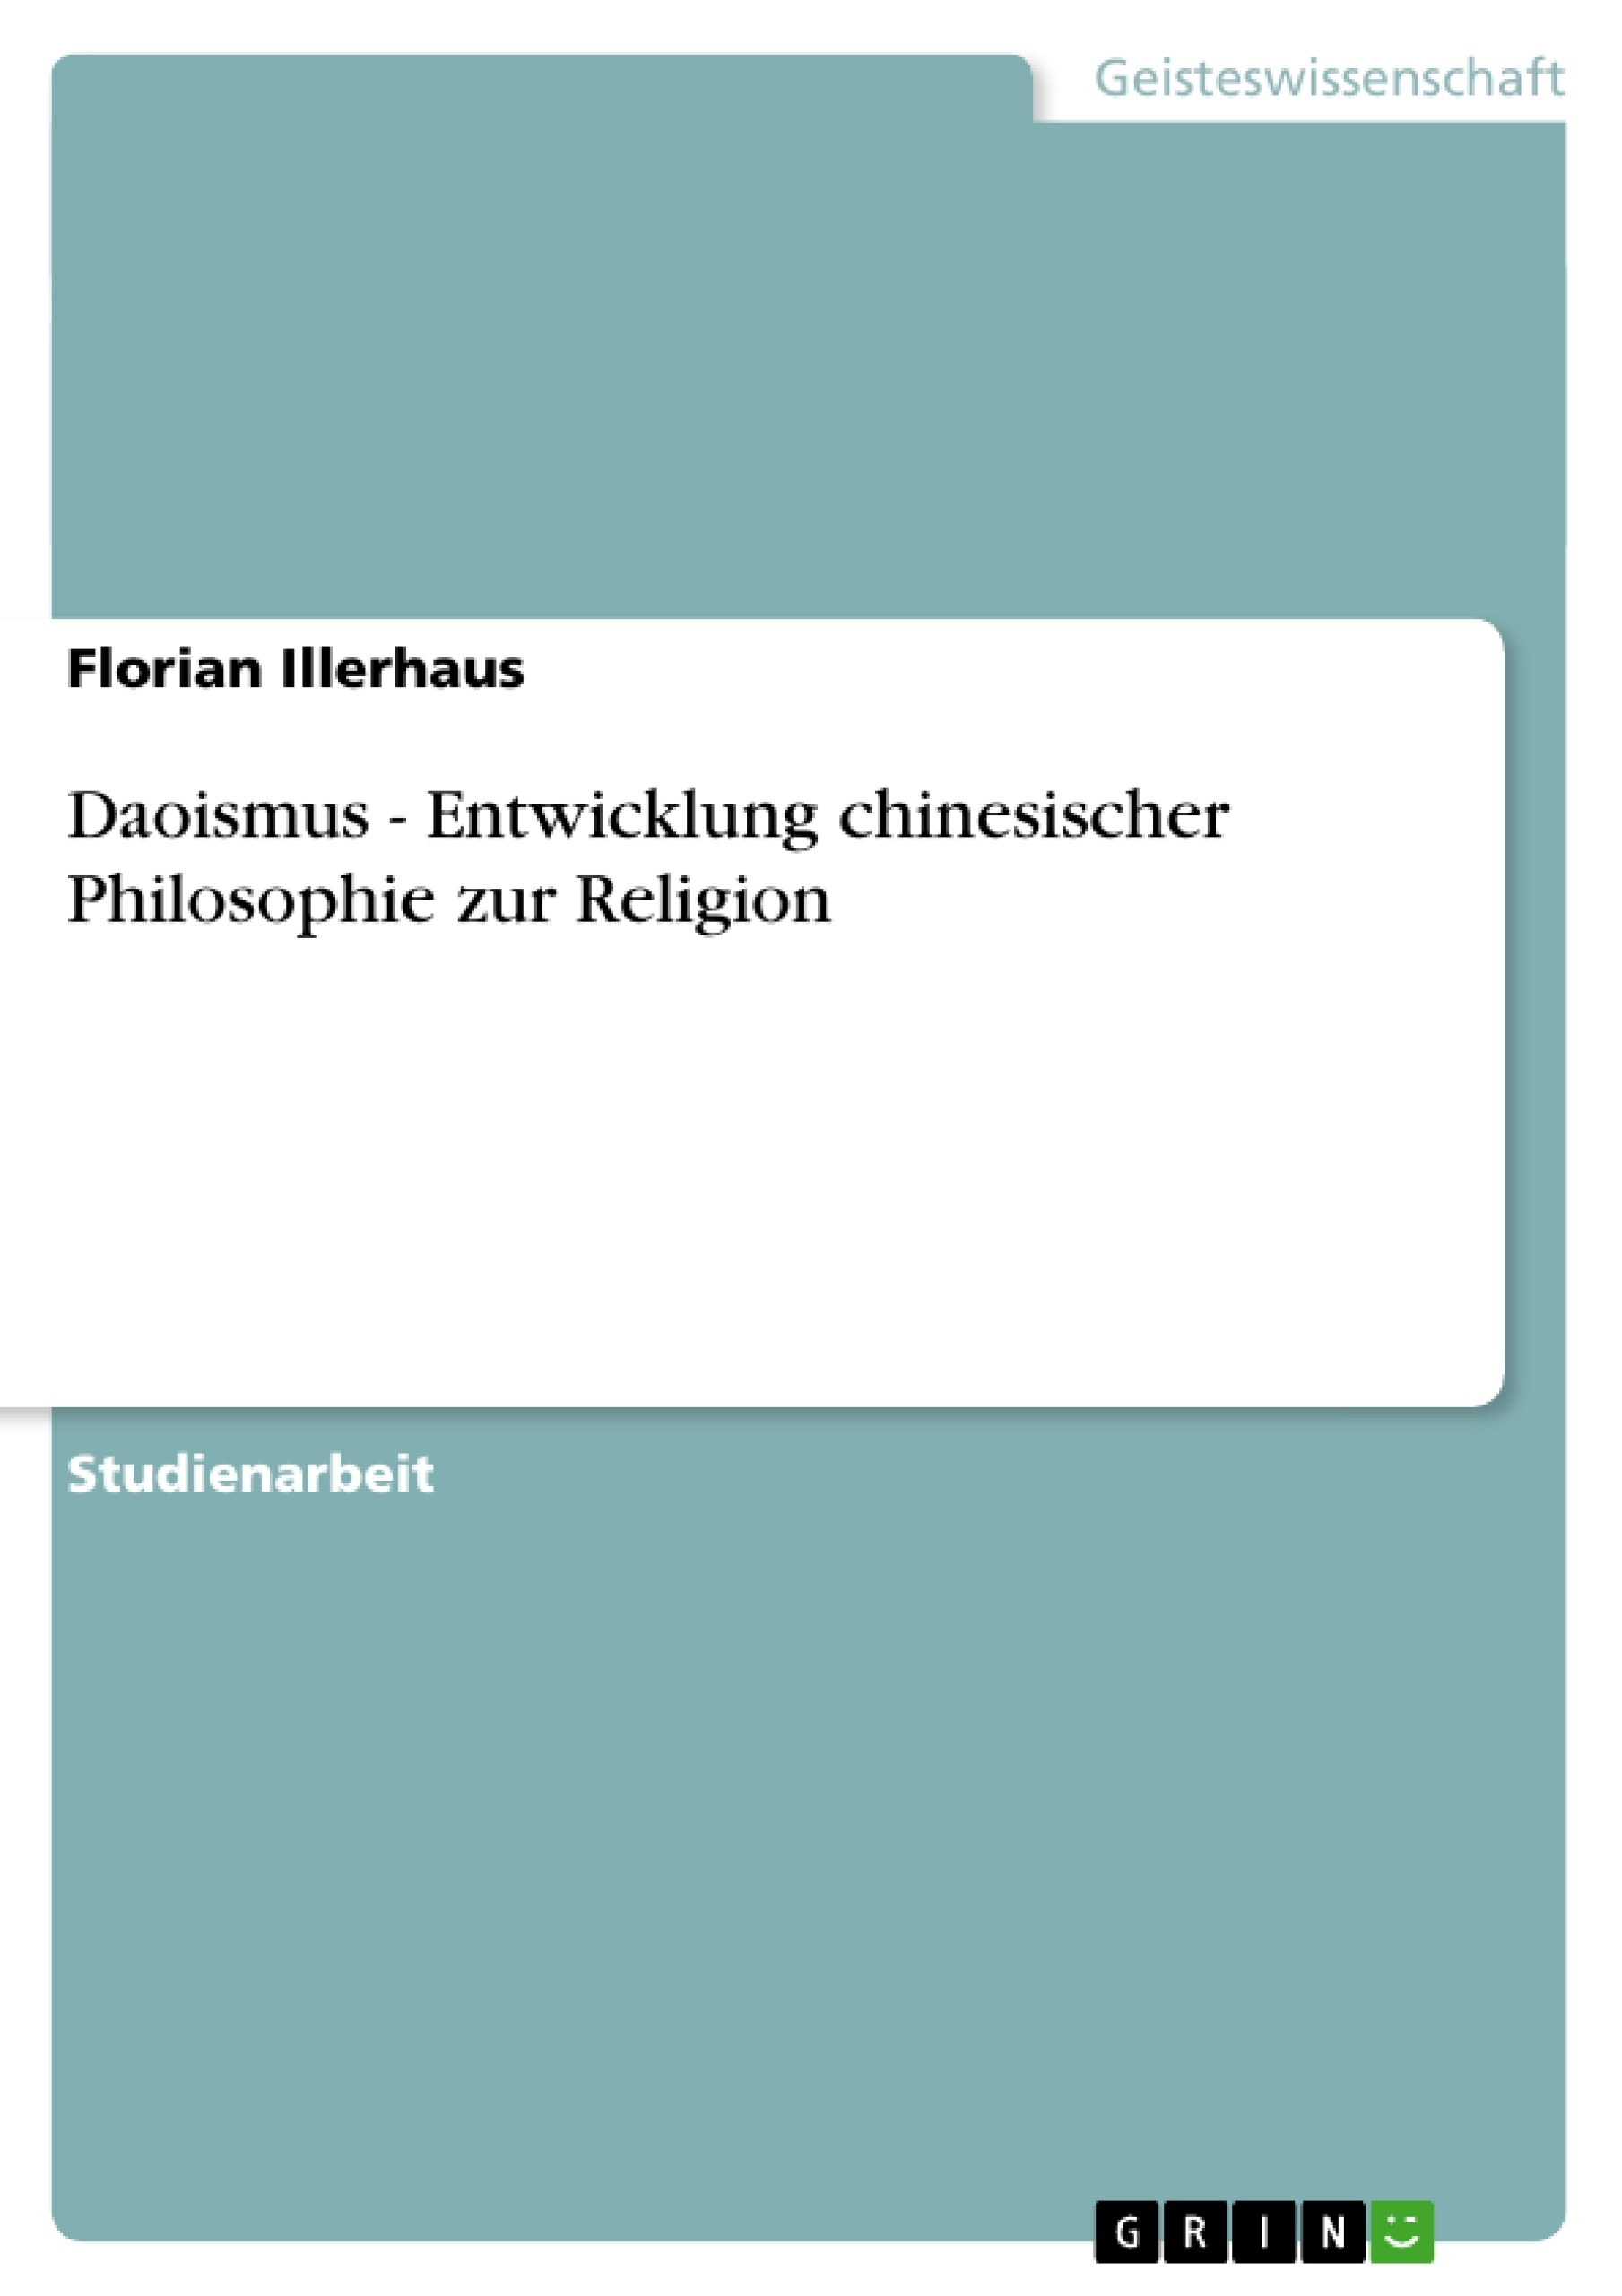 Titel: Daoismus - Entwicklung chinesischer Philosophie zur Religion